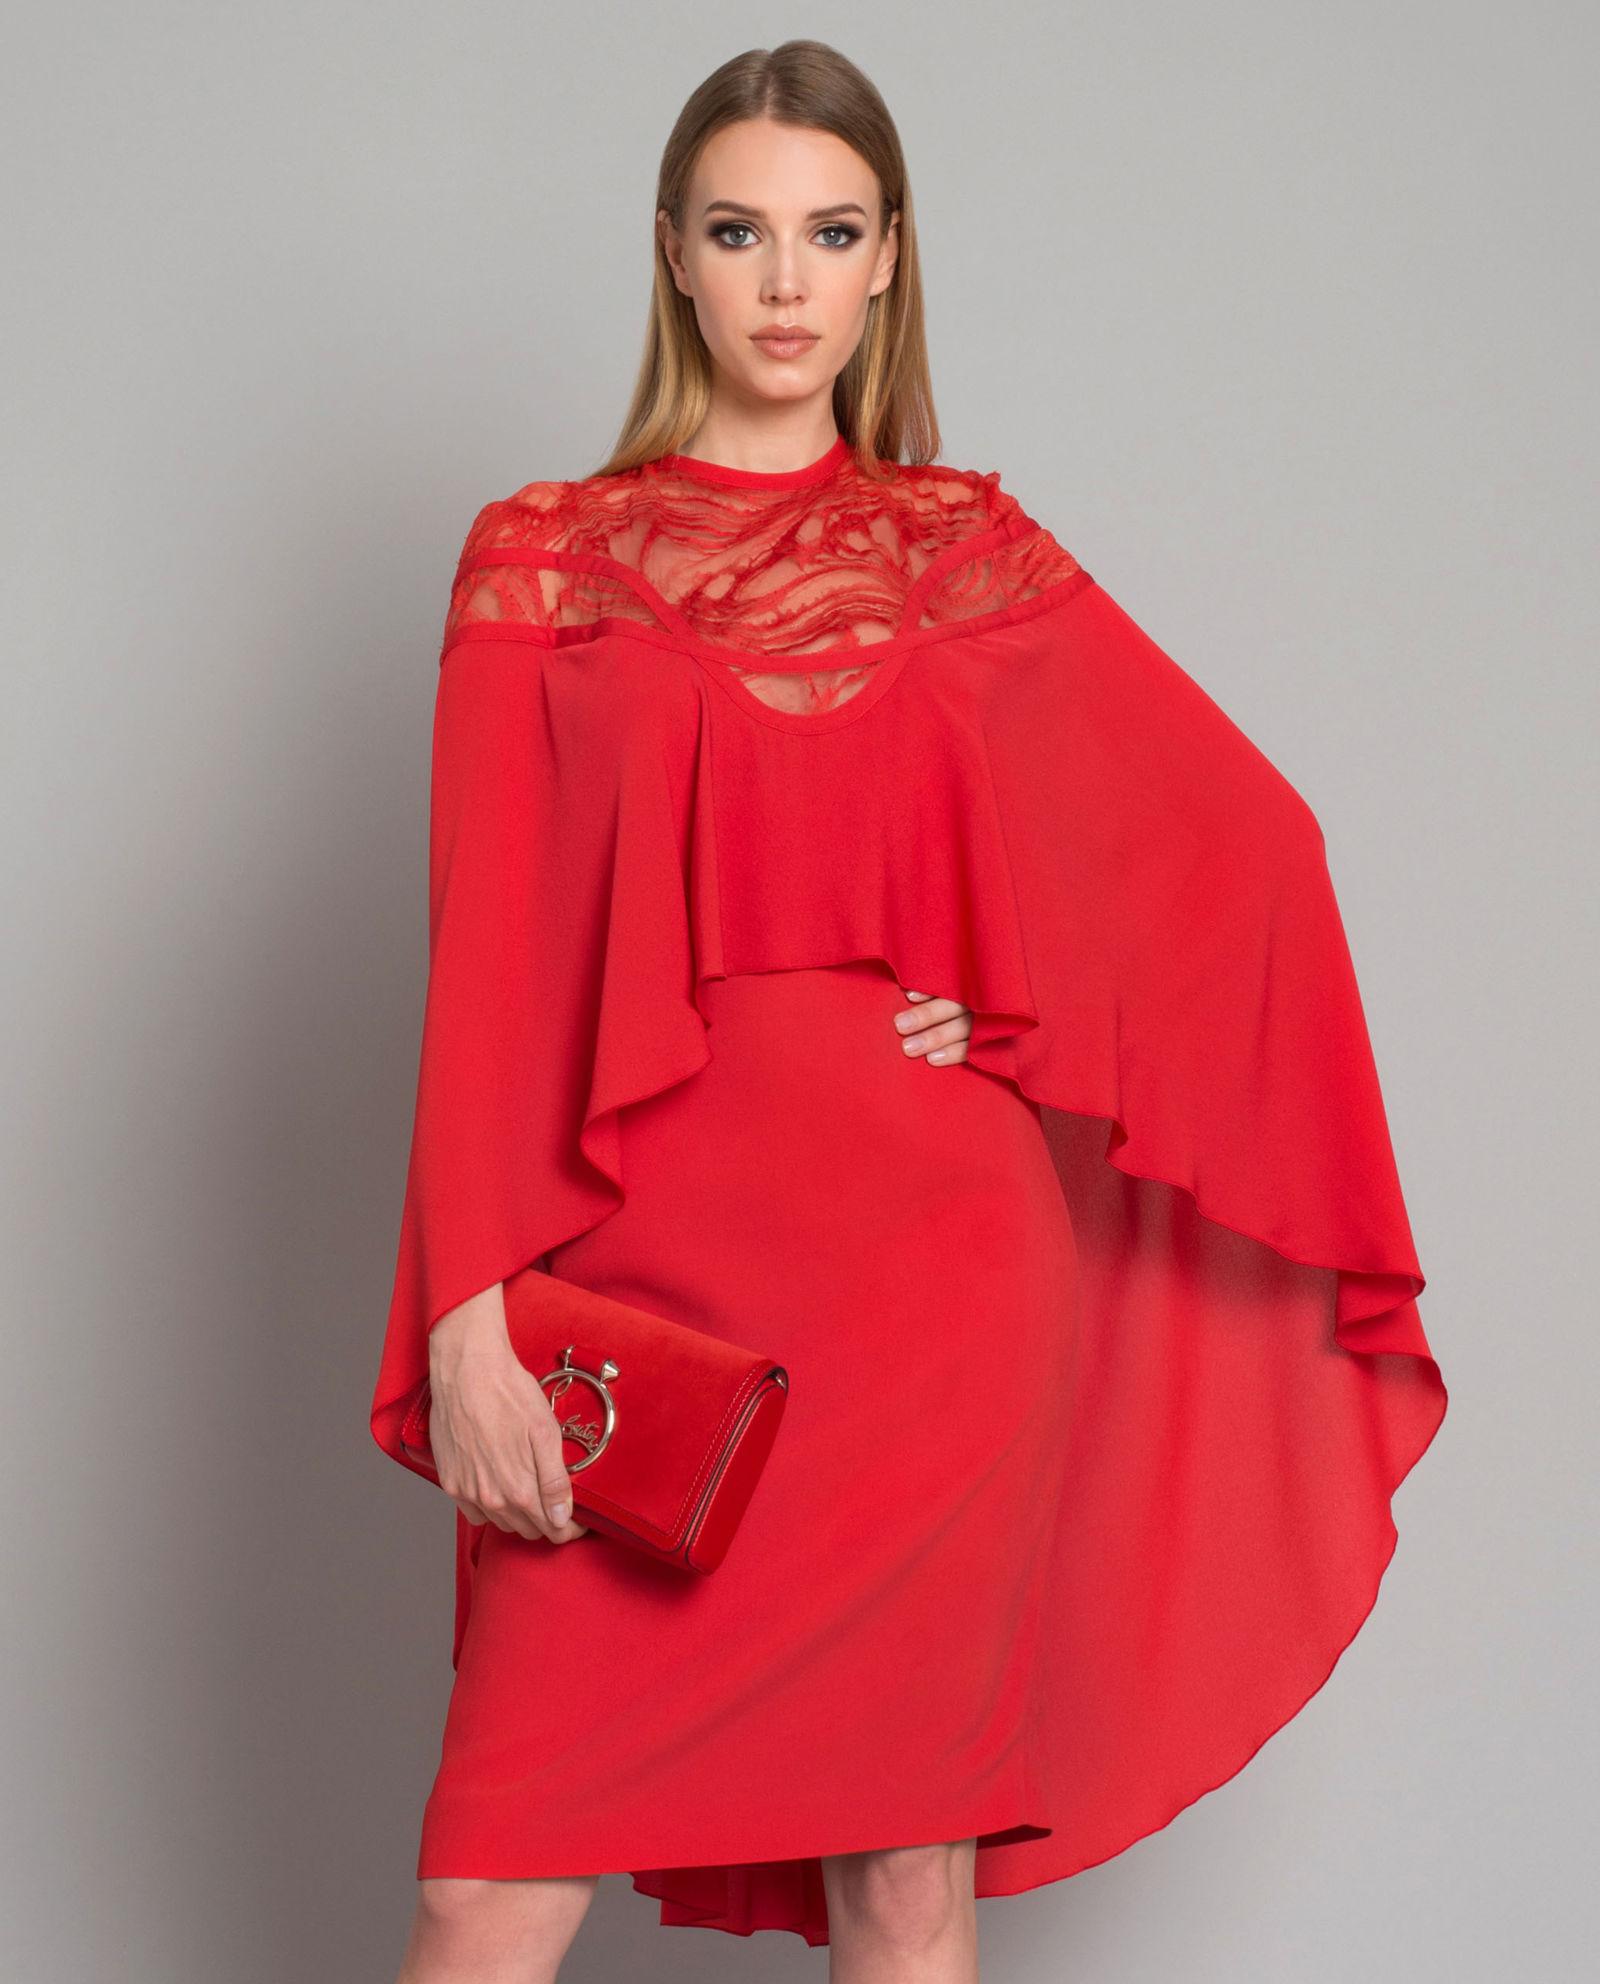 bf3592f6414dfe Czerwona sukienka z jedwabiu ELIE SAAB – Kup Teraz! Najlepsze ceny i opinie!  Sklep Moliera2.com